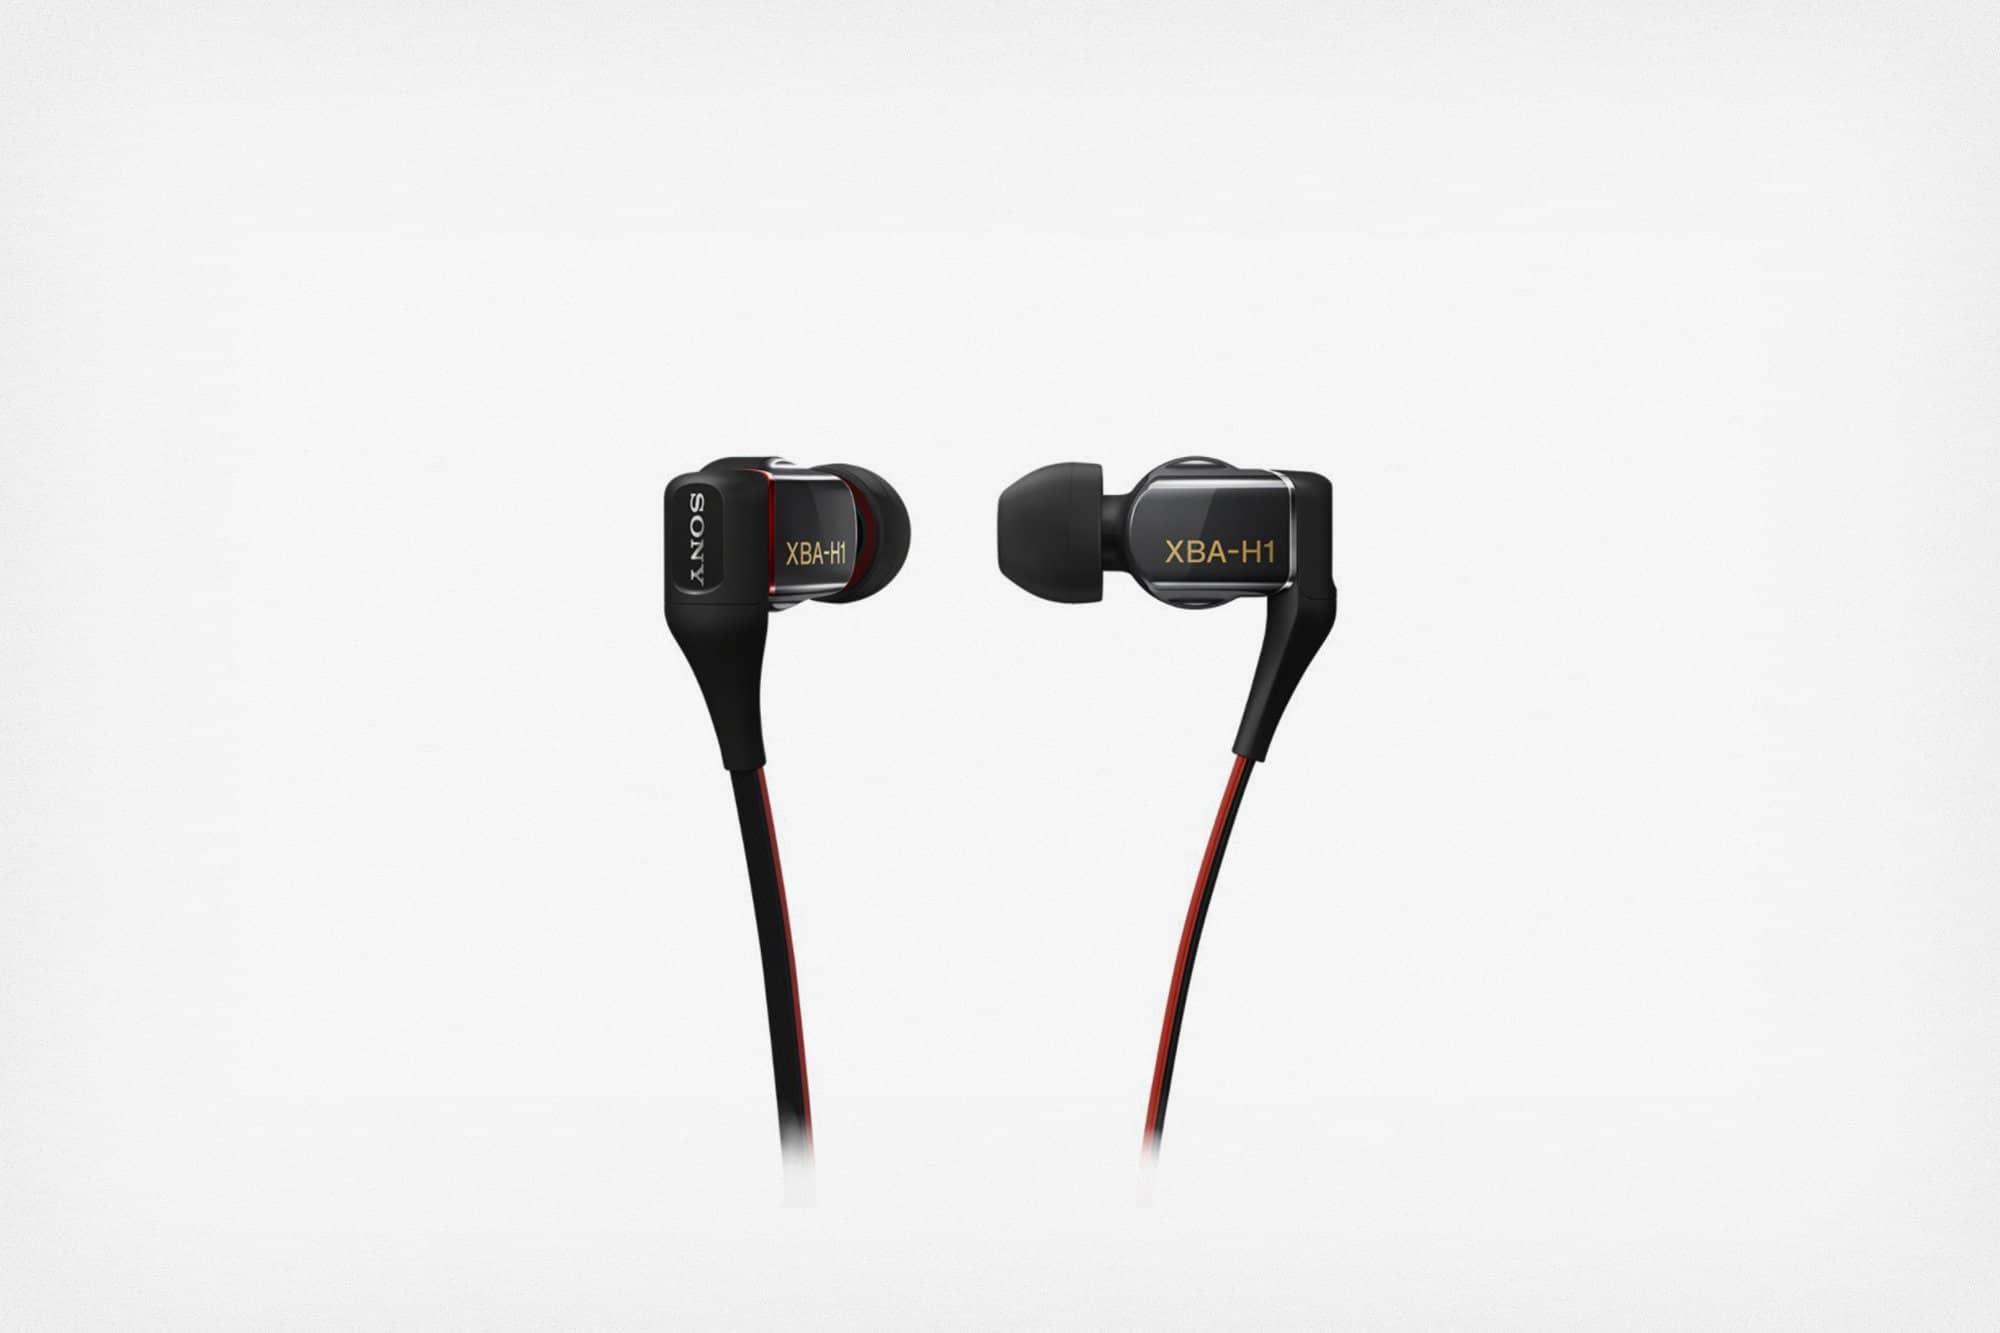 Gambar in-ear headphones yang bagus